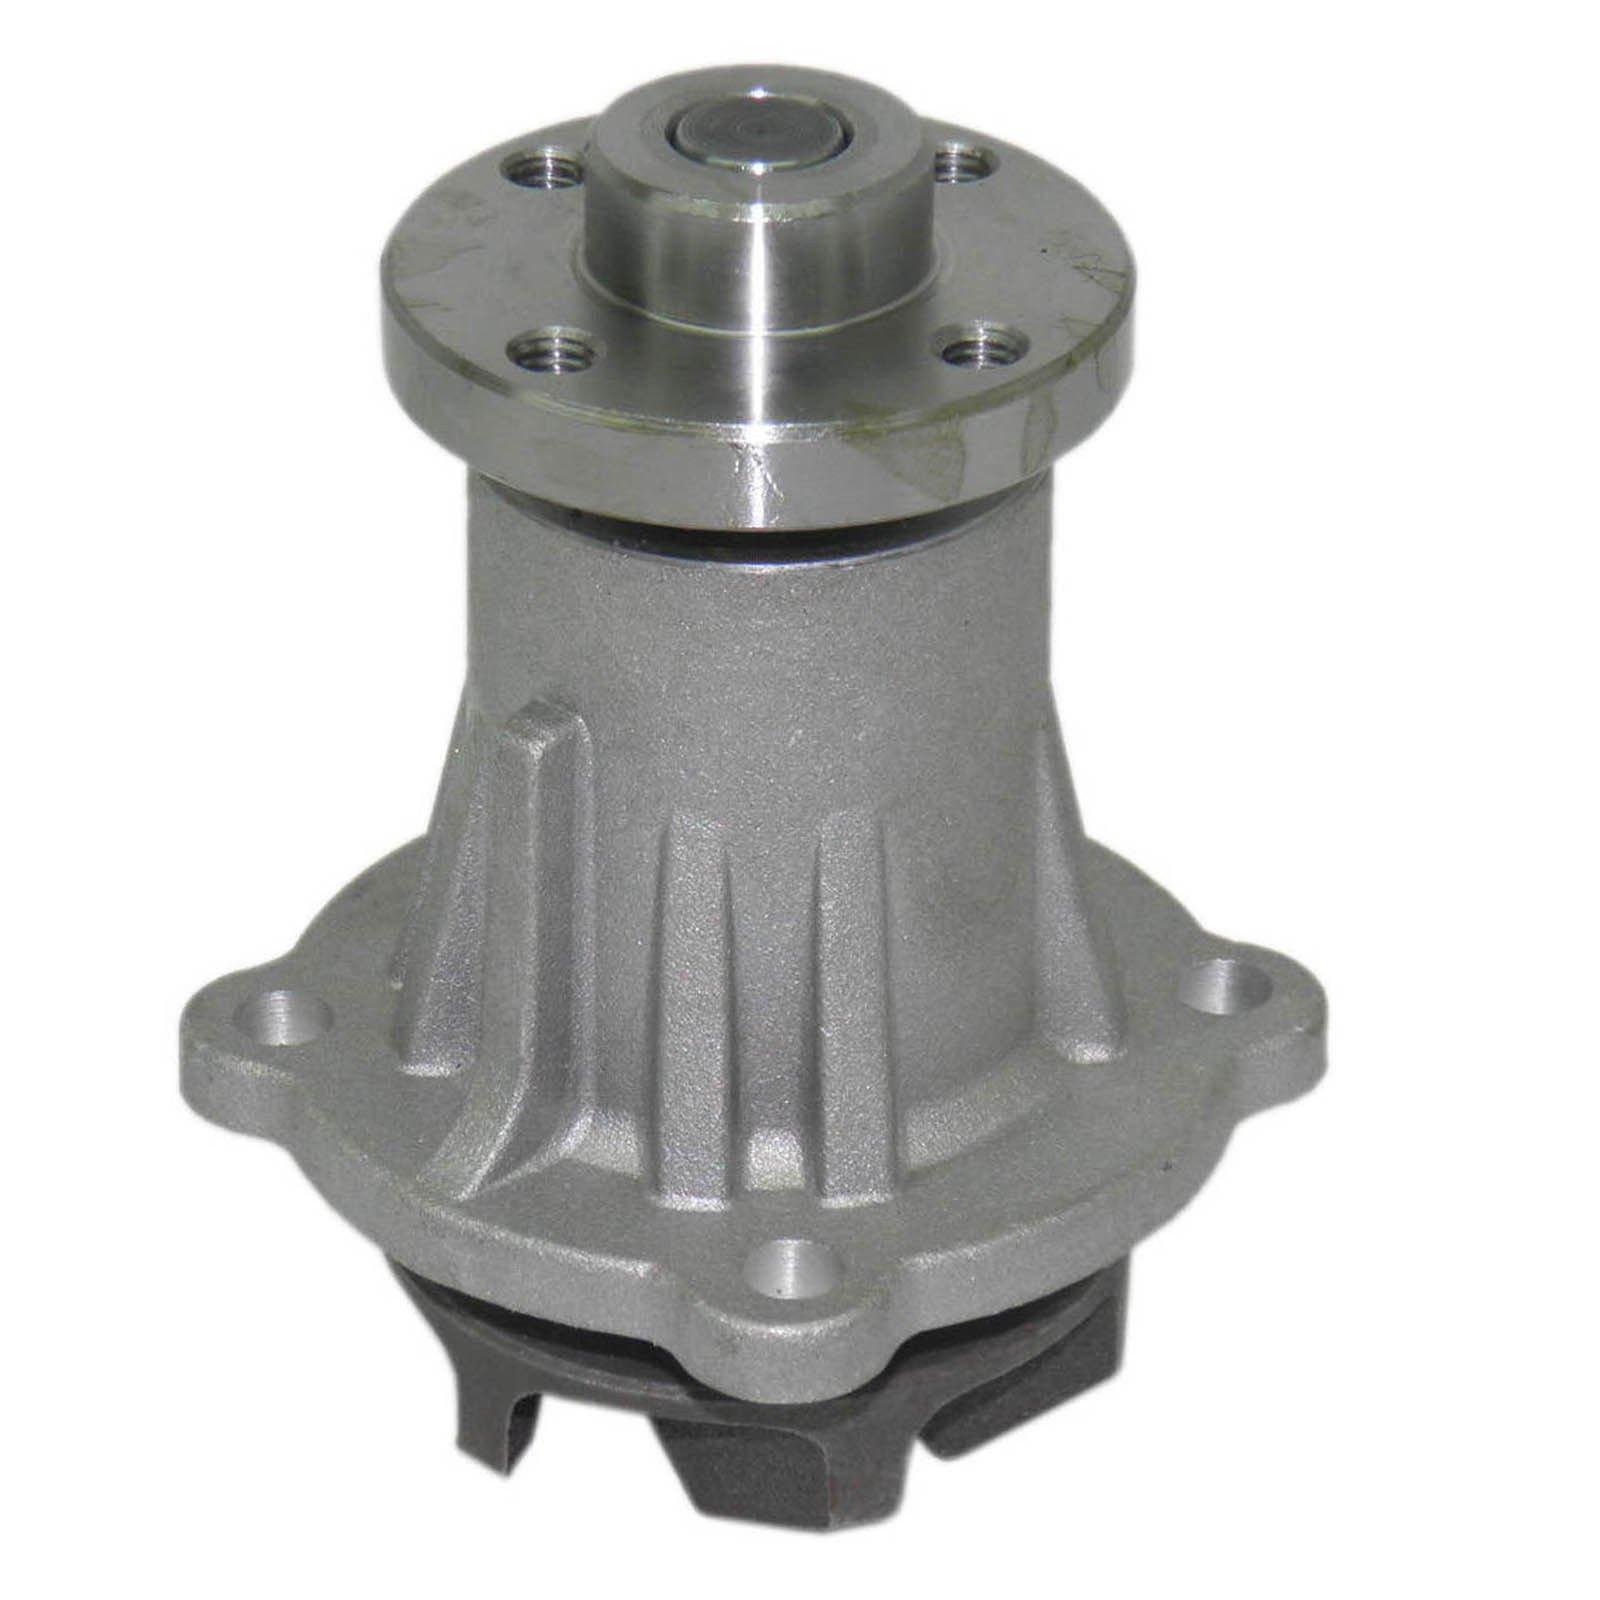 Forklift Supply - Aftermarket Toyota Forklift Water Pump PN 16120-23010